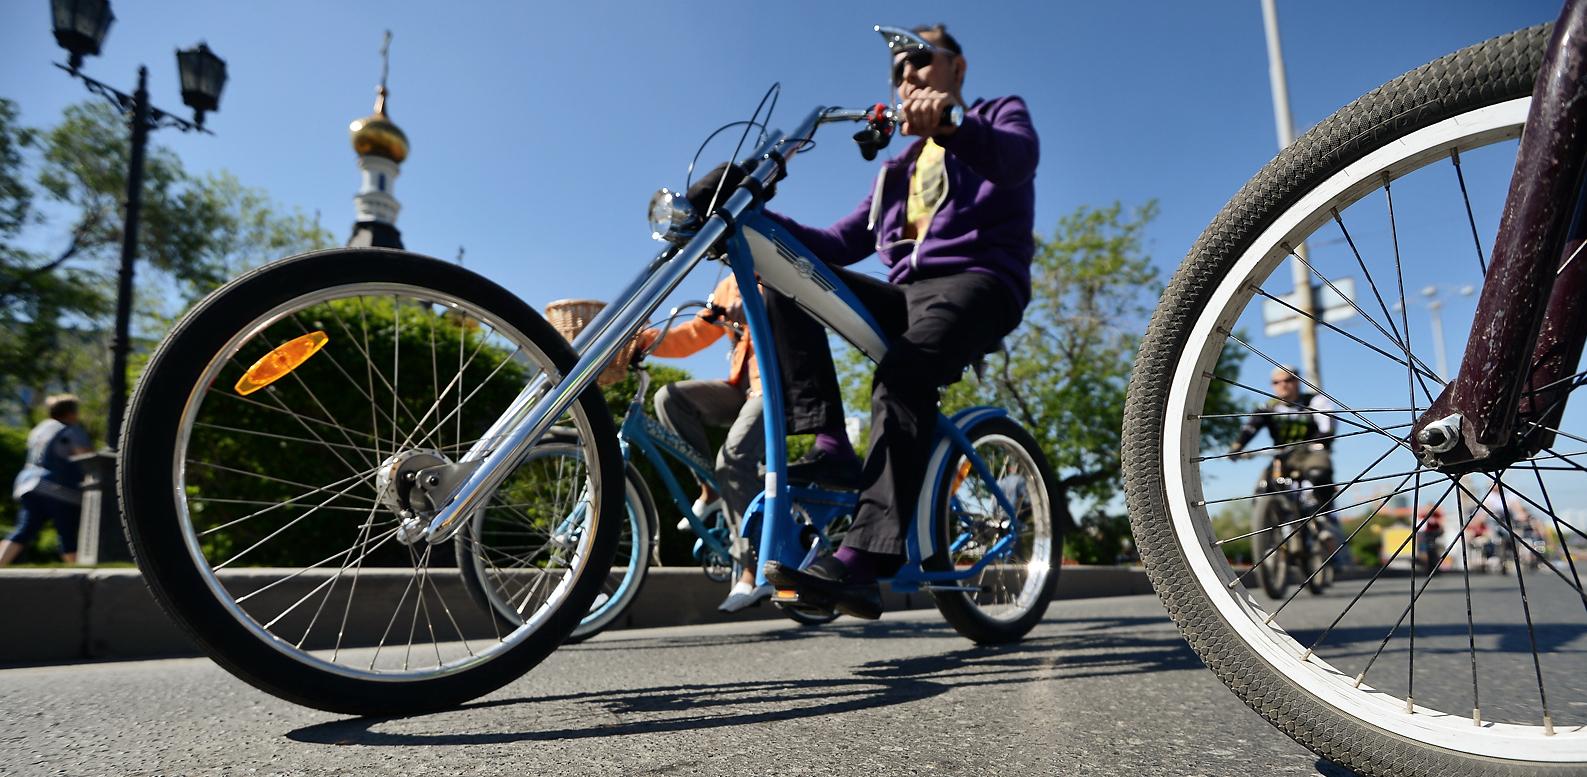 «Майская велопрогулка — 2017»: организаторы проложили отдельную трассу для детей и ограничили число участников